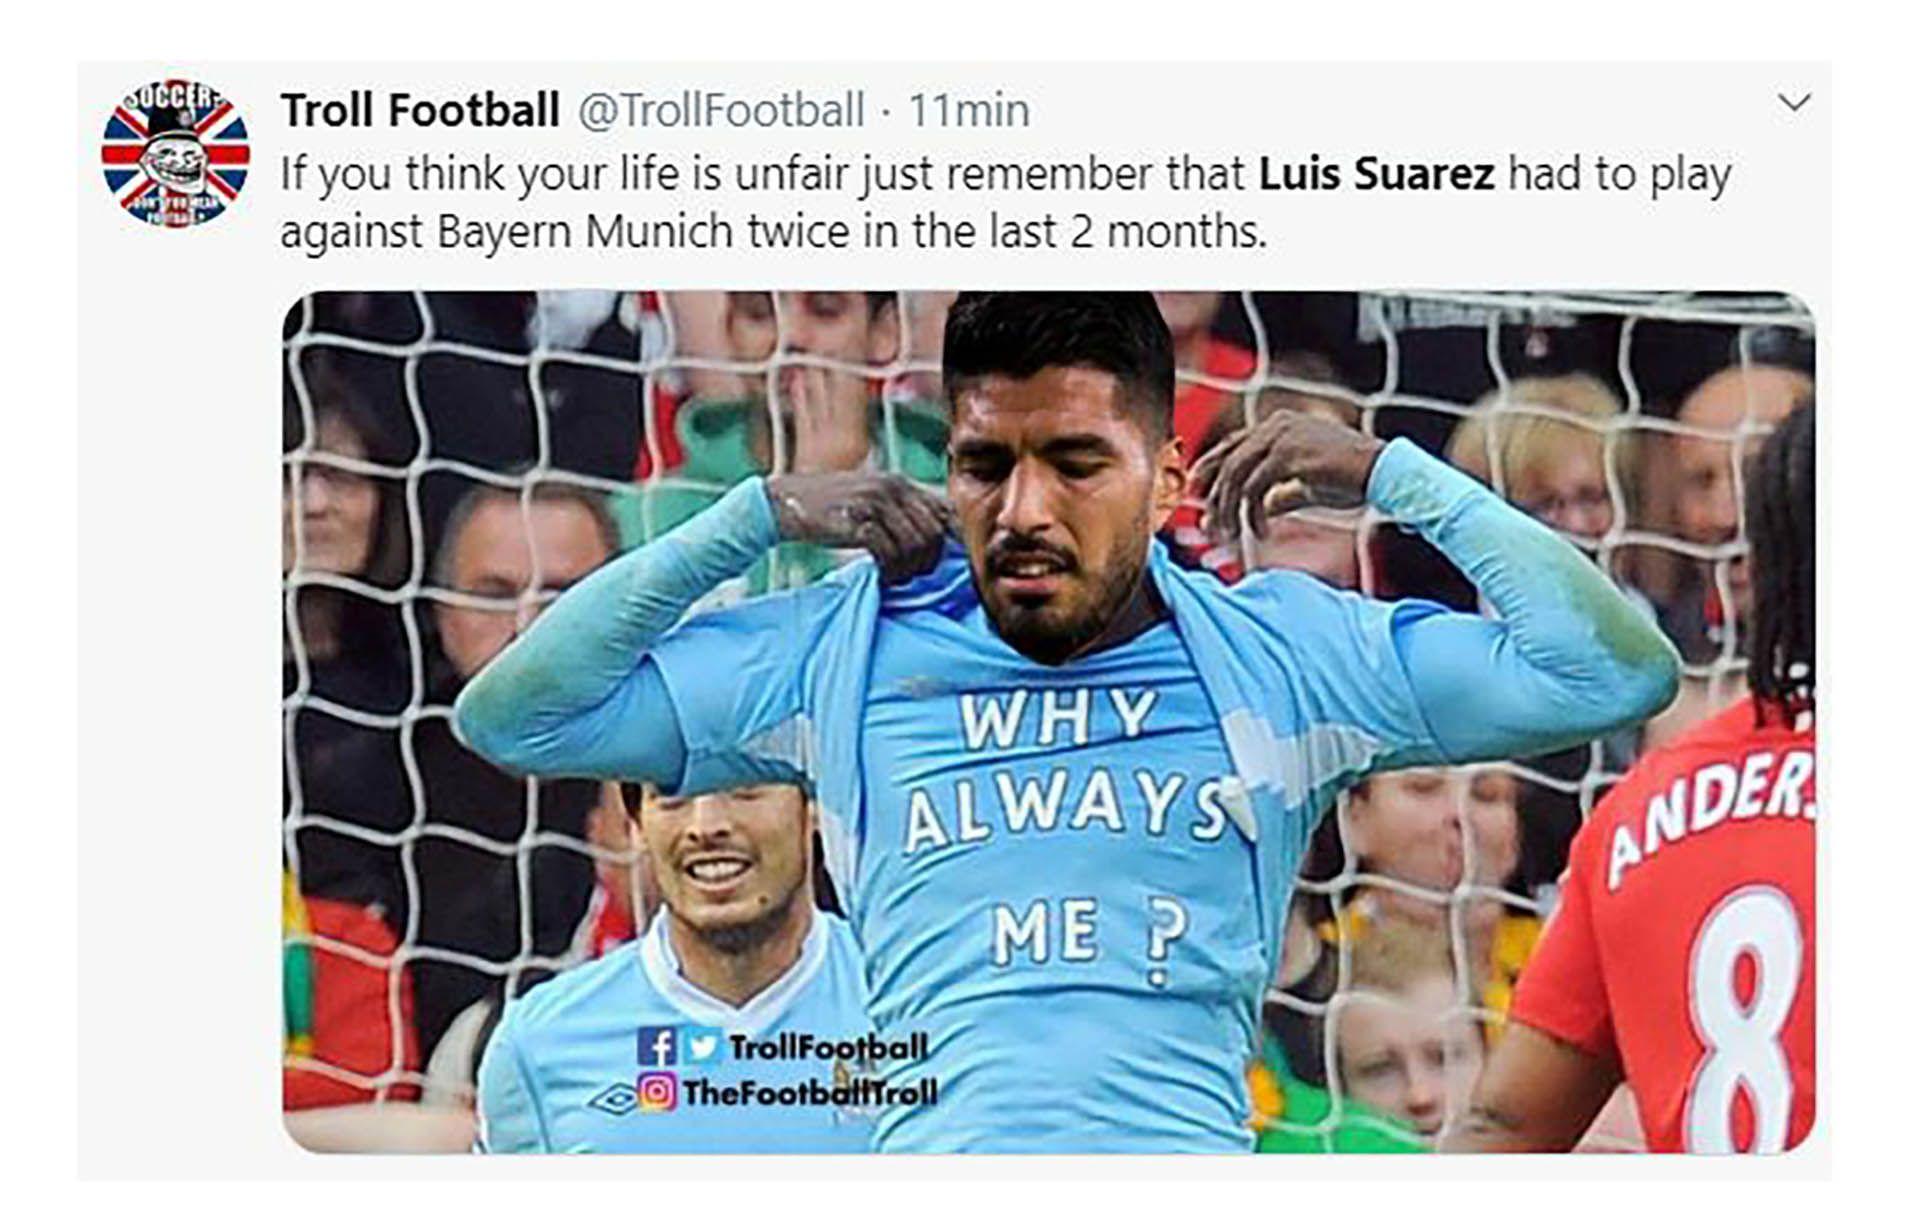 Con Luis Suárez como el eje de las burlas, los mejores memes de la goleada del Bayern Múnich al Atlético de Madrid